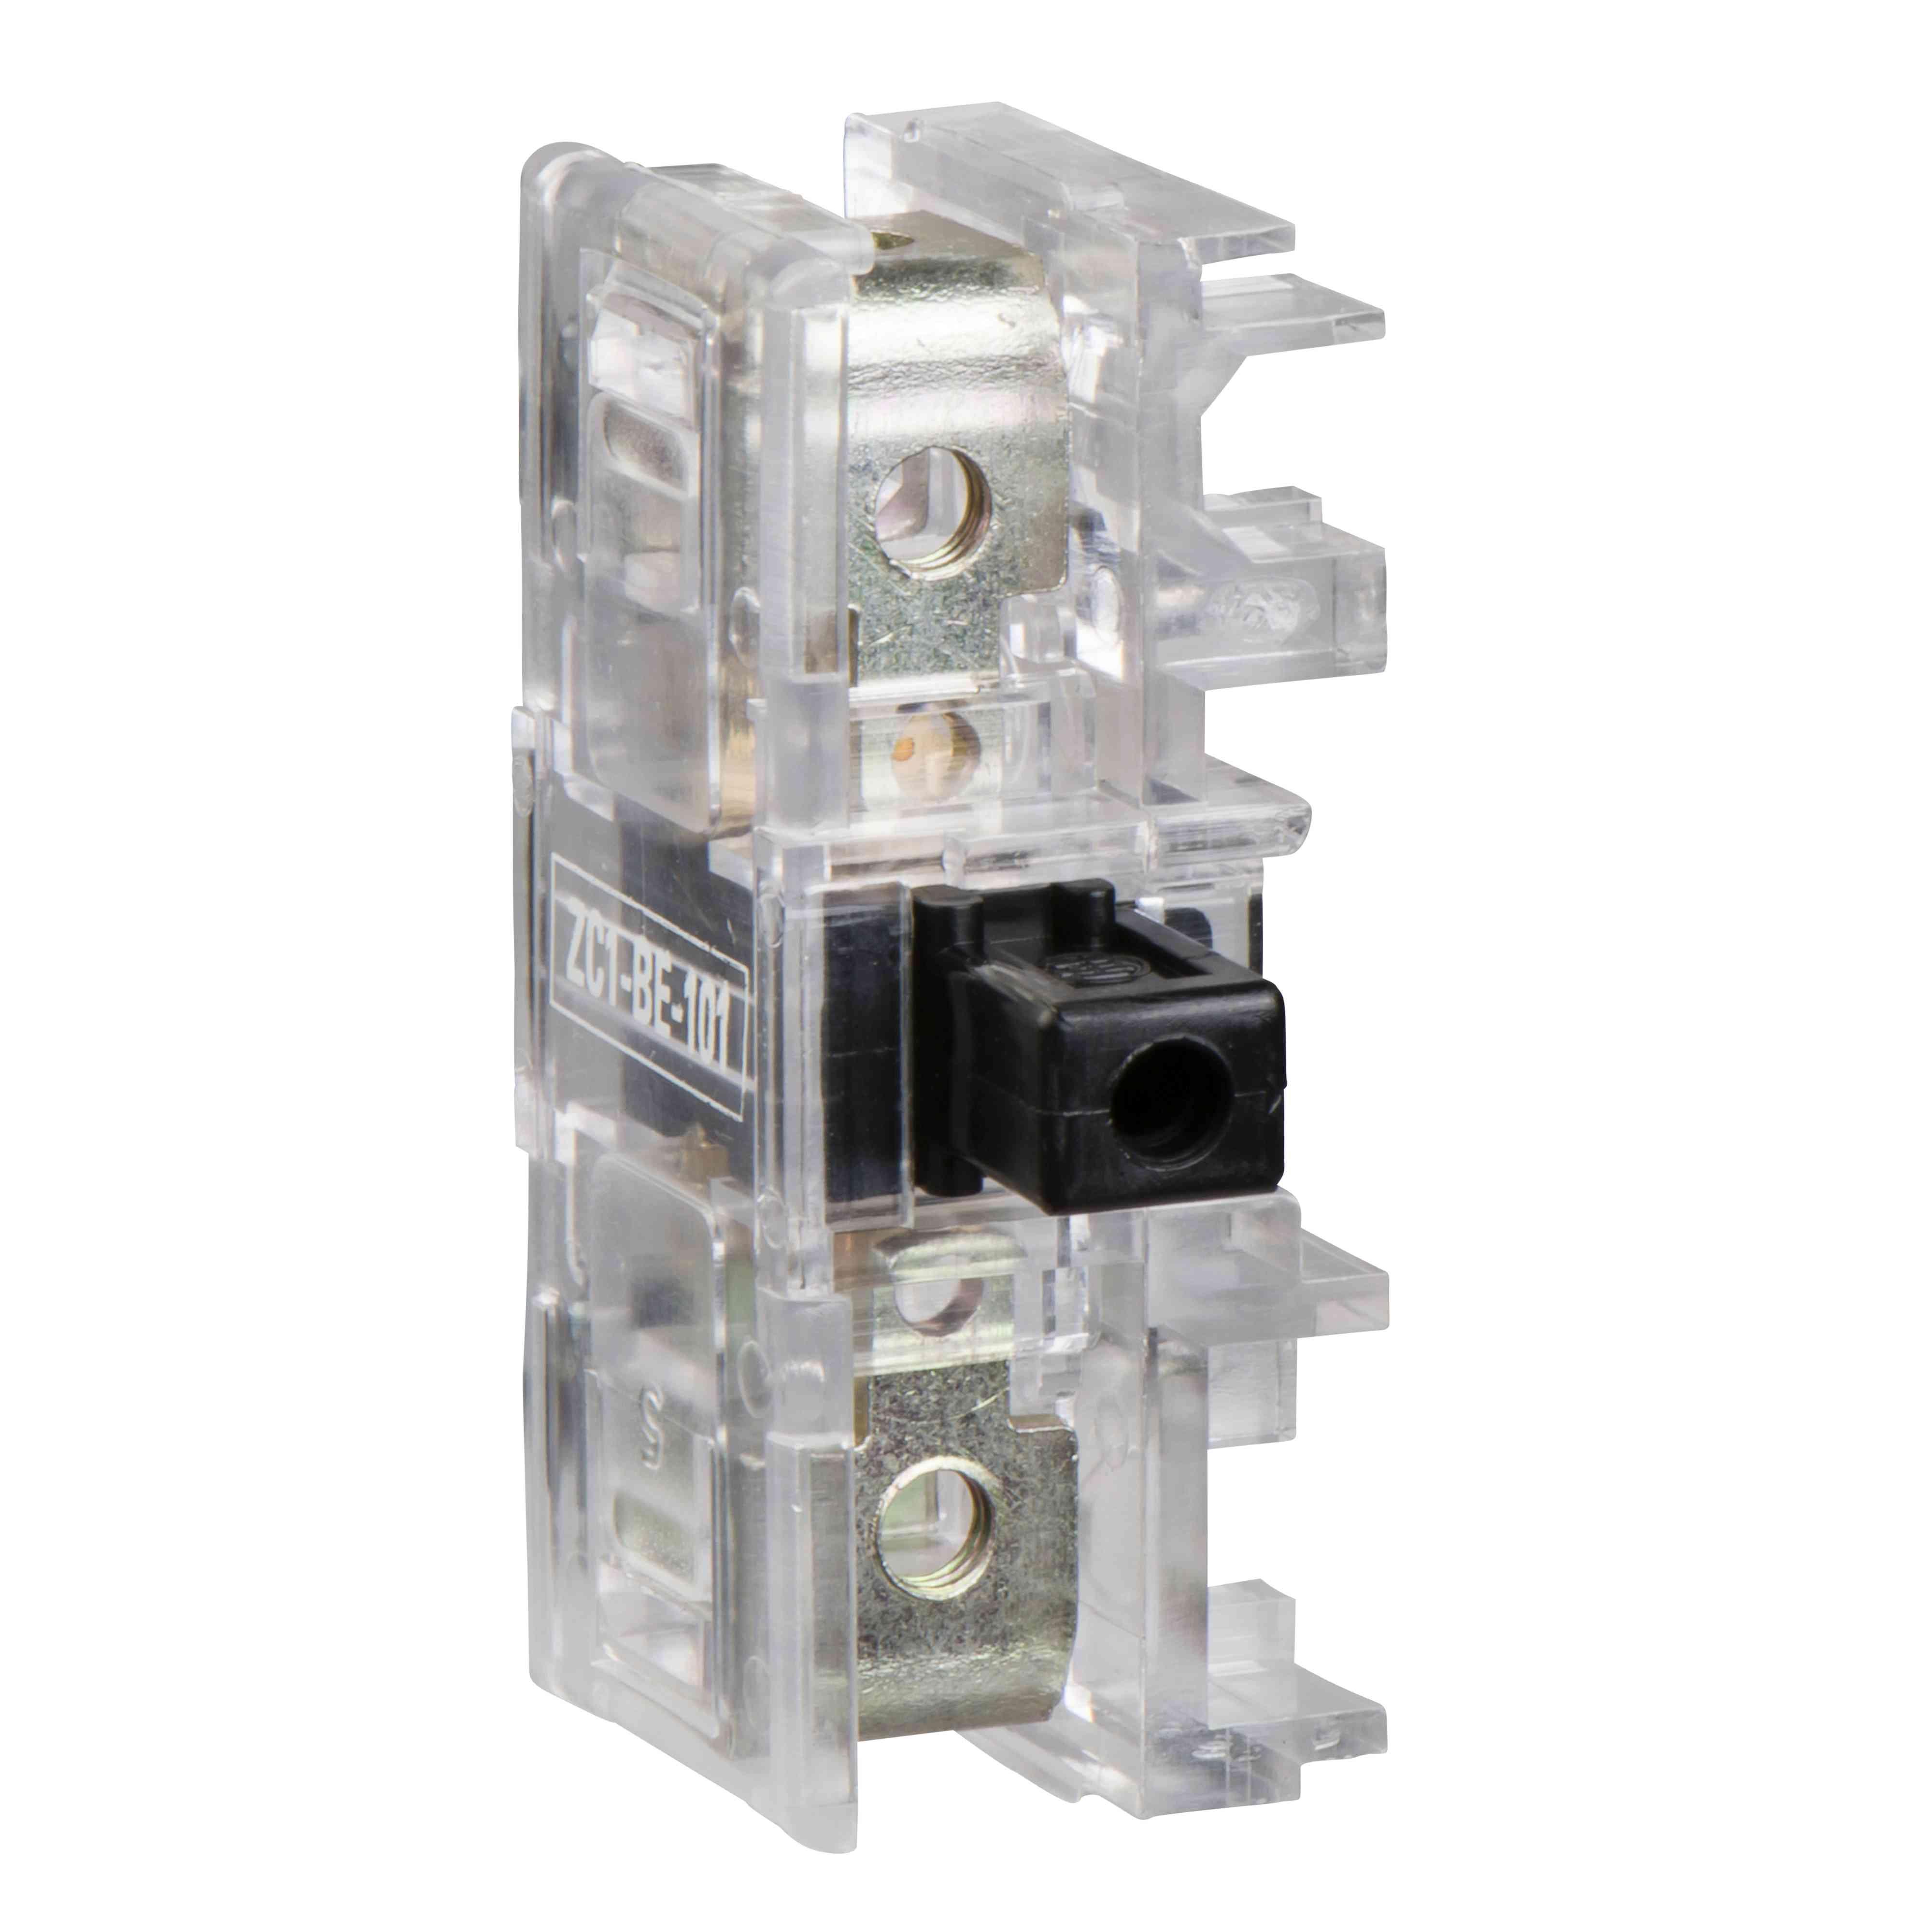 Kontaktni blok s tipko ZC1 - priključki z vijačnimi objemkami